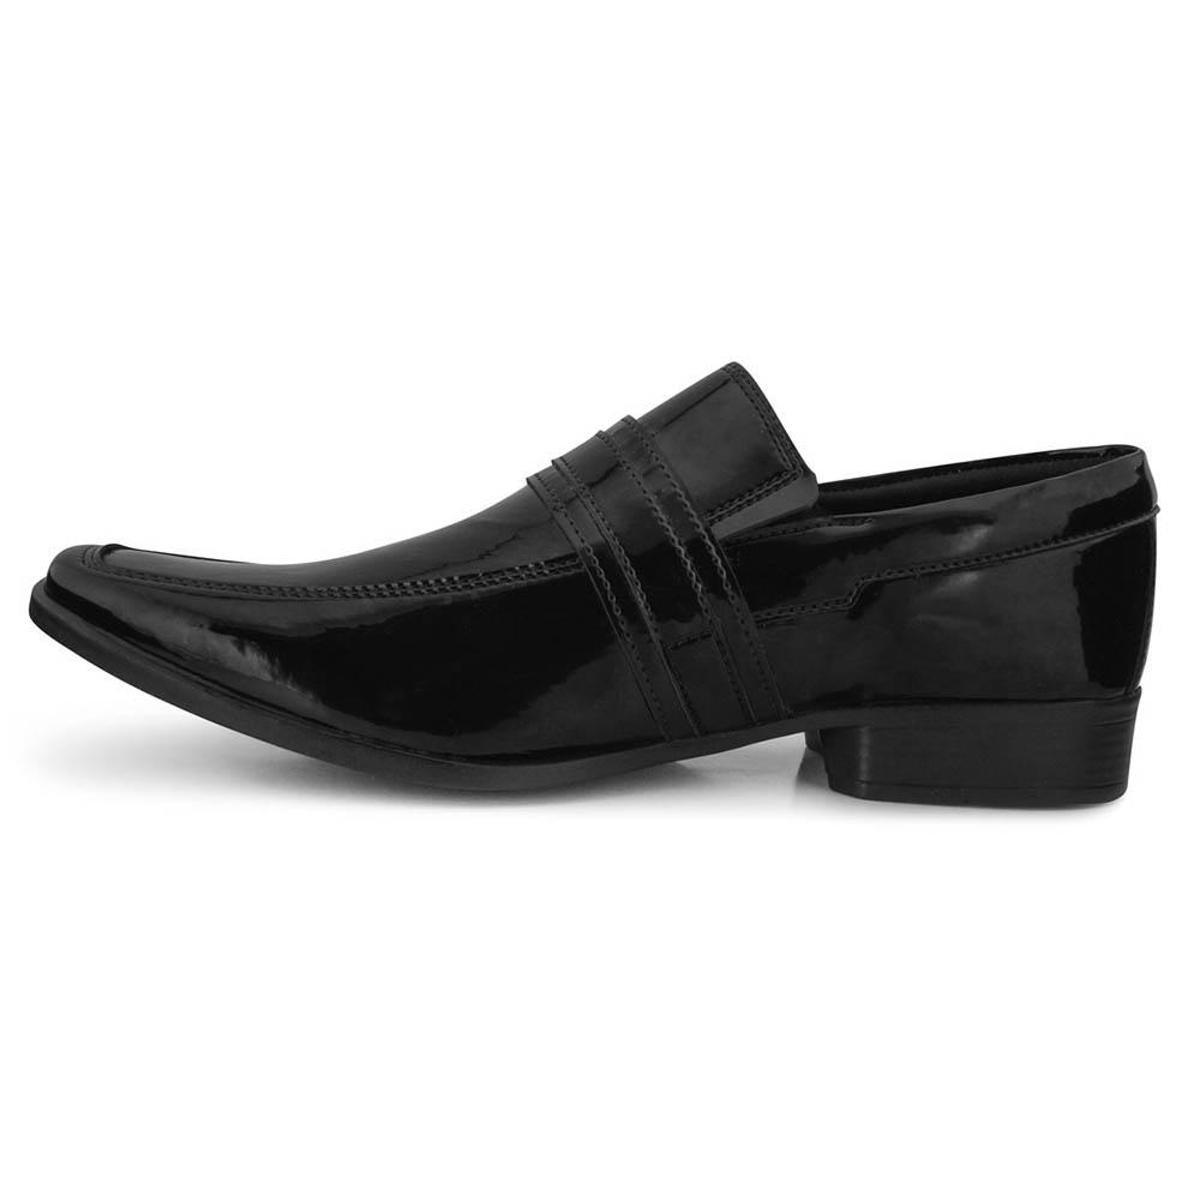 Sapato Social Faraton 7008 Masculino - Preto